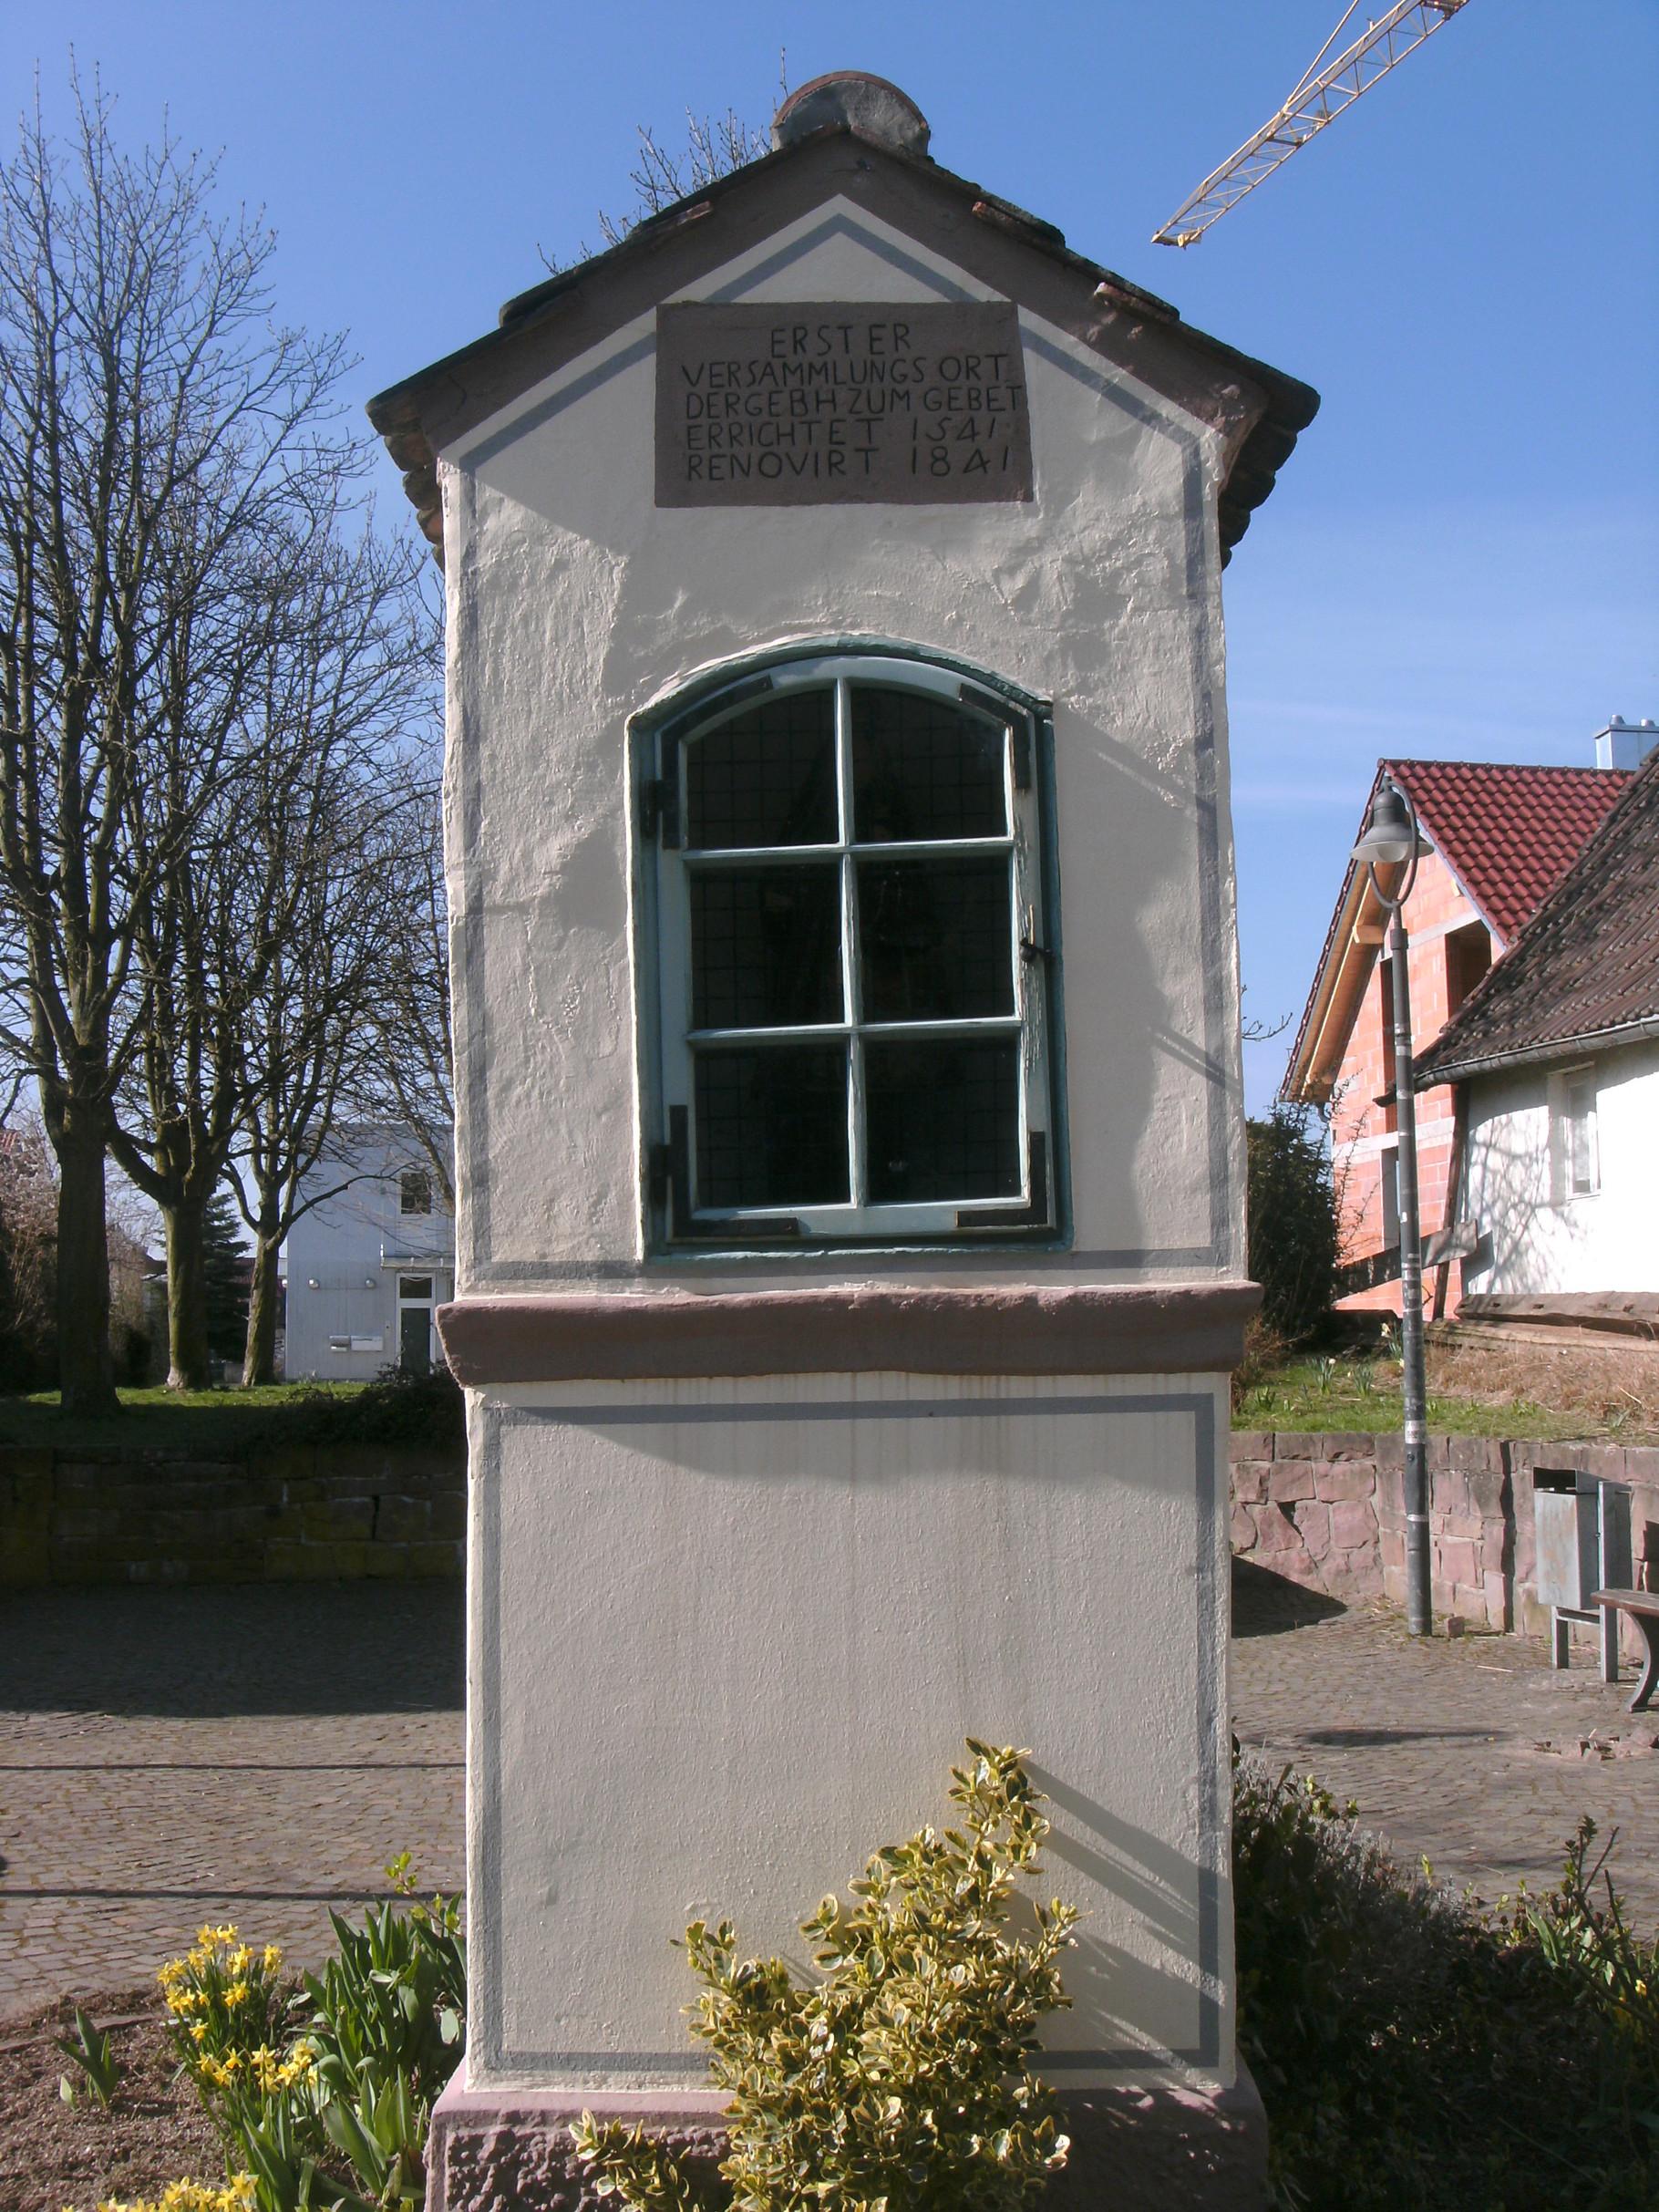 Bildstöckle in der Luidfriedstraße. Erster Versammlungsort zum Gebet 1541.